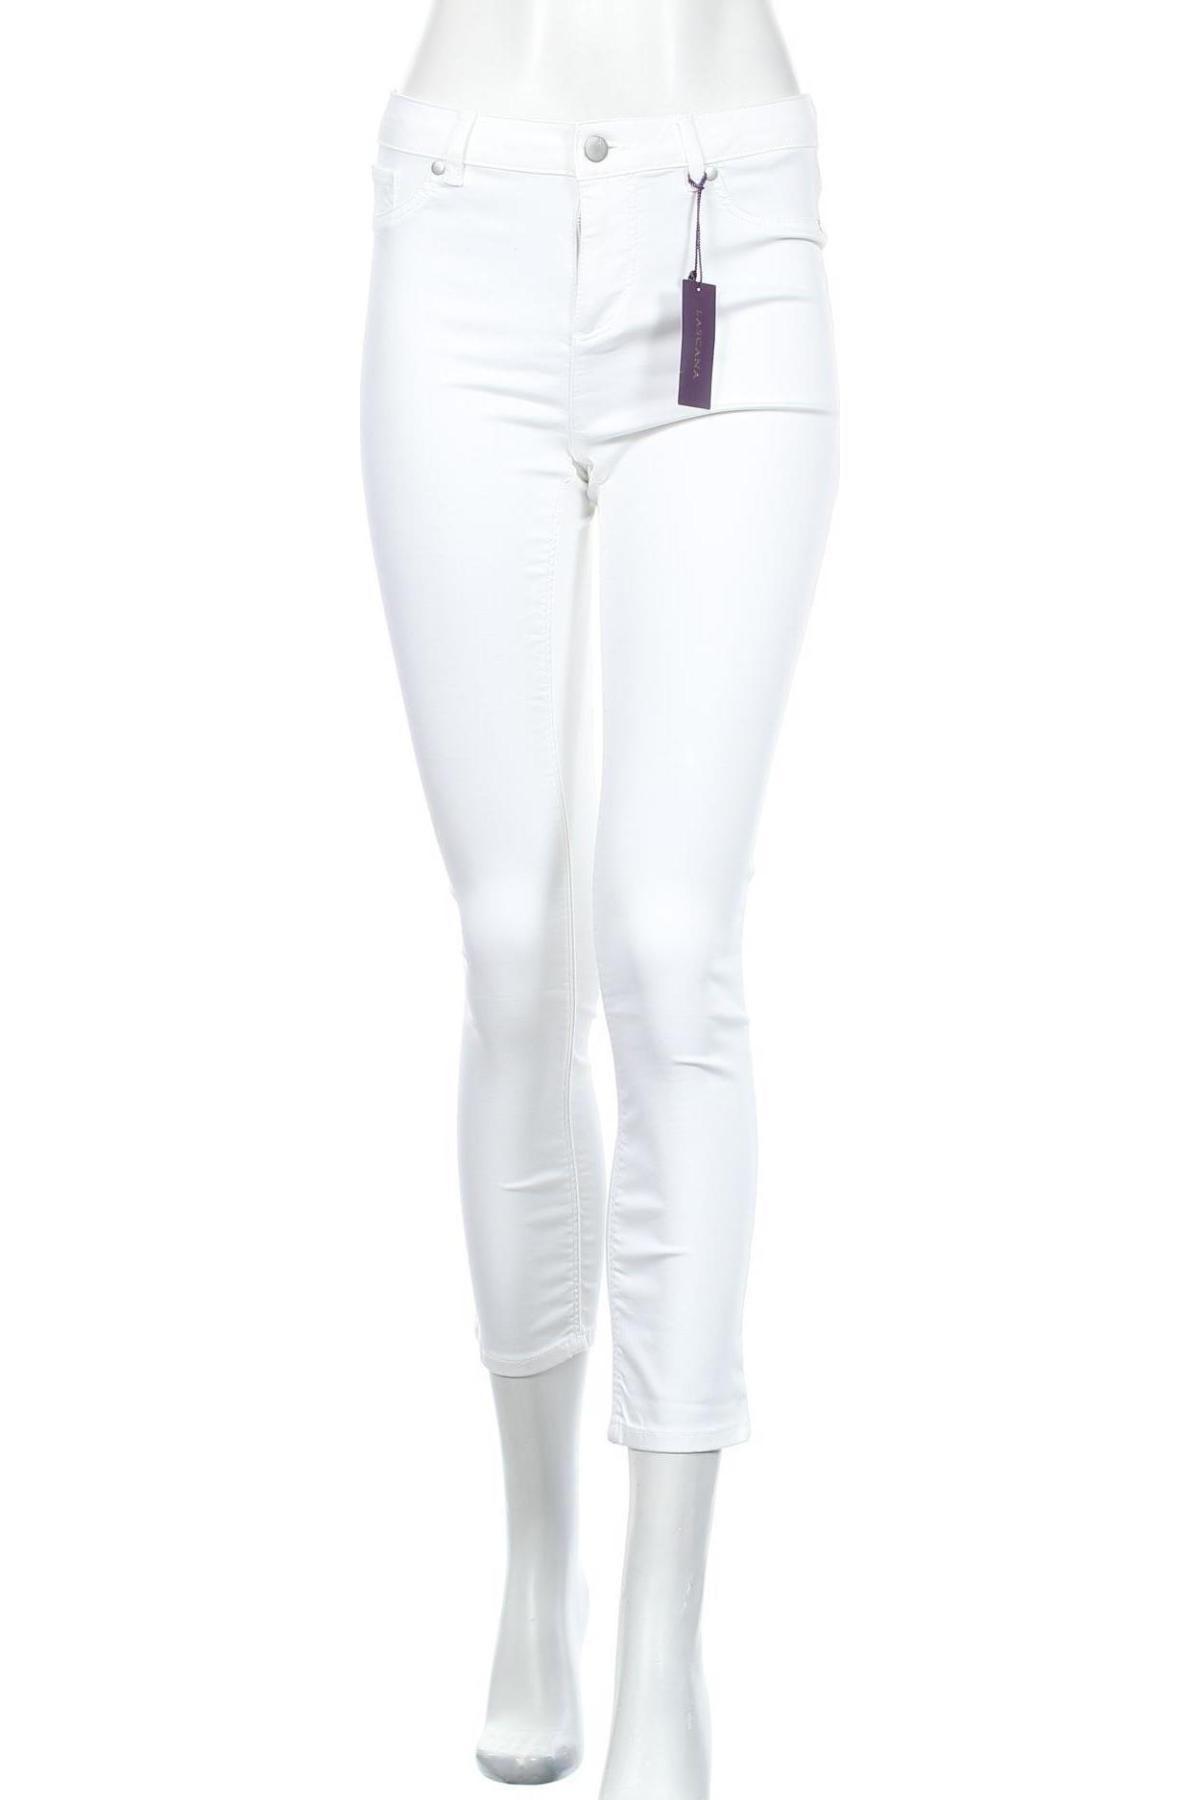 Дамски панталон Lascana, Размер S, Цвят Бял, 66% памук, 31% полиестер, 3% еластан, Цена 13,98лв.